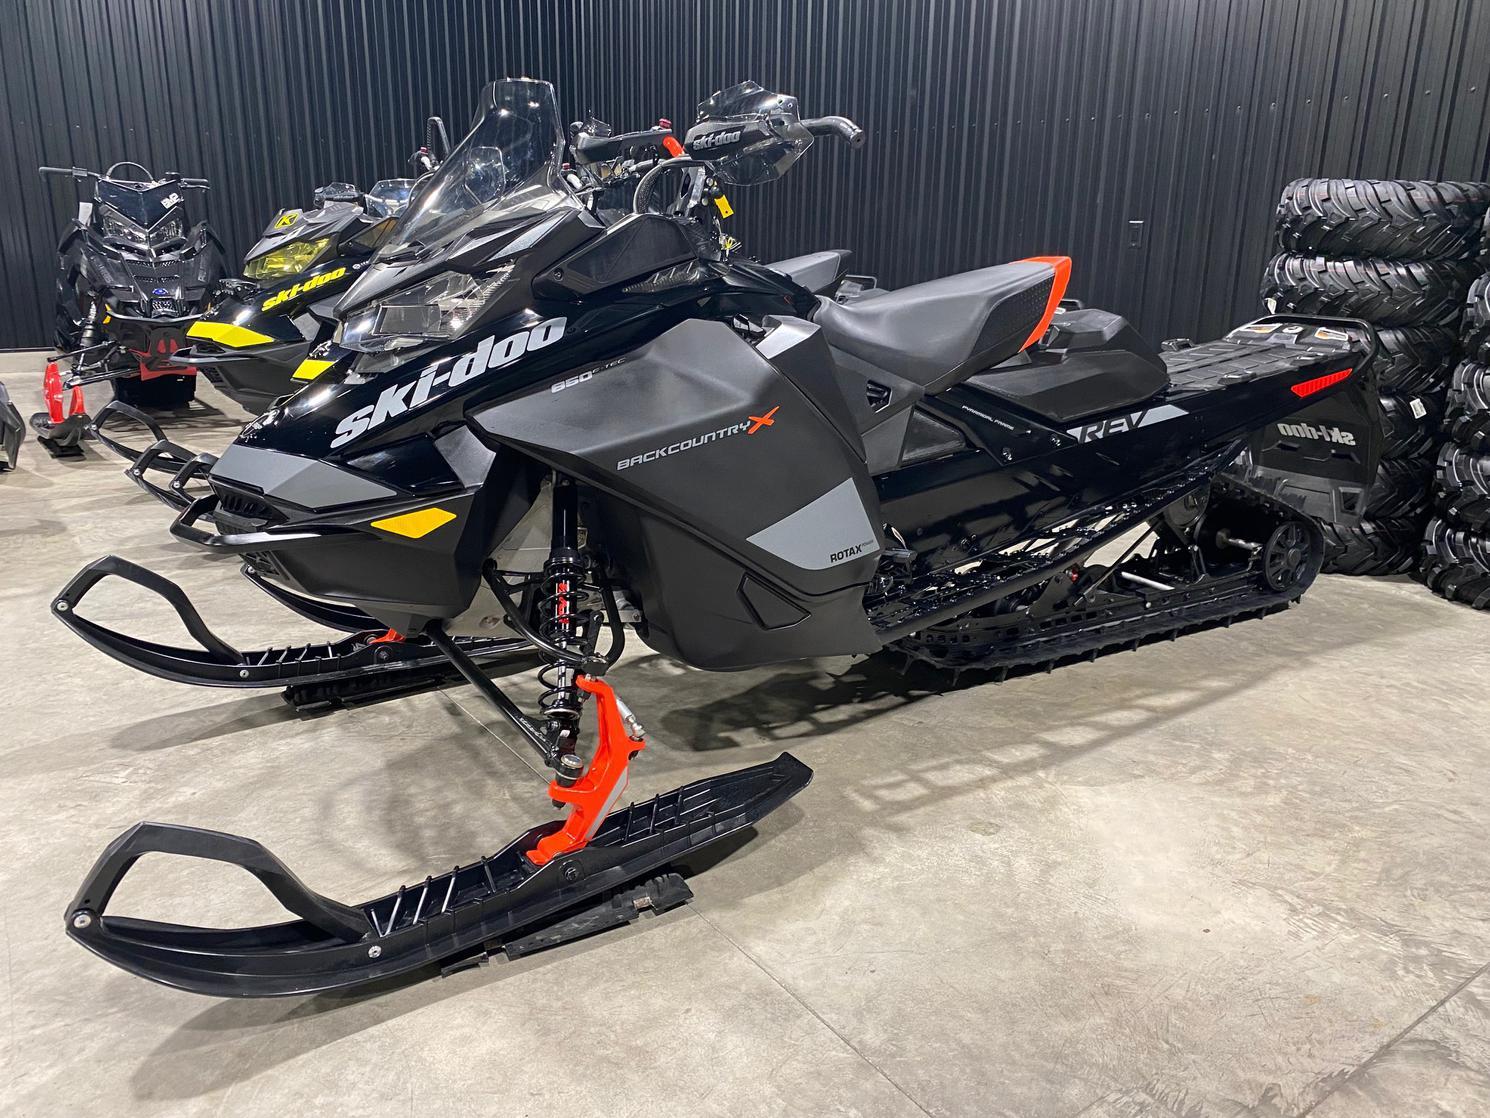 Ski-Doo Renegade Backcoutry 2020 - 850cc 2 temps